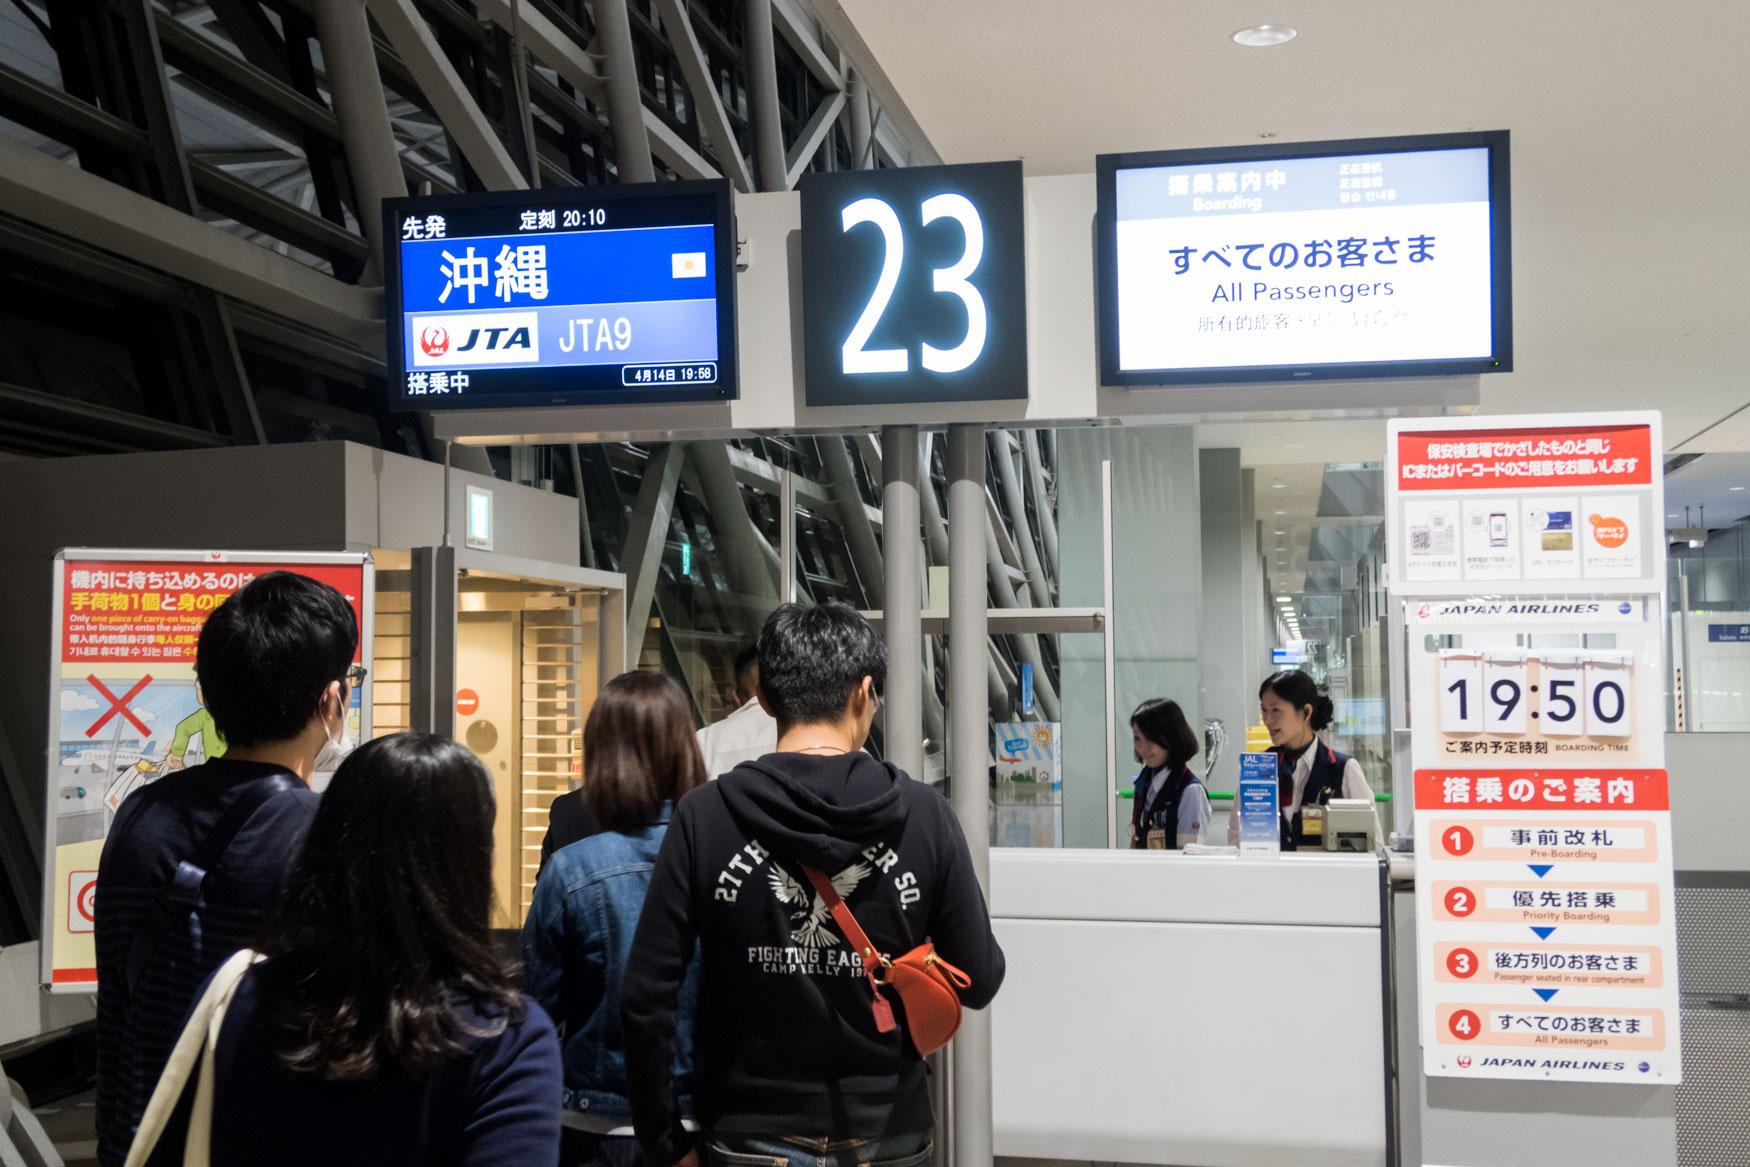 Boarding JTA Flight 9